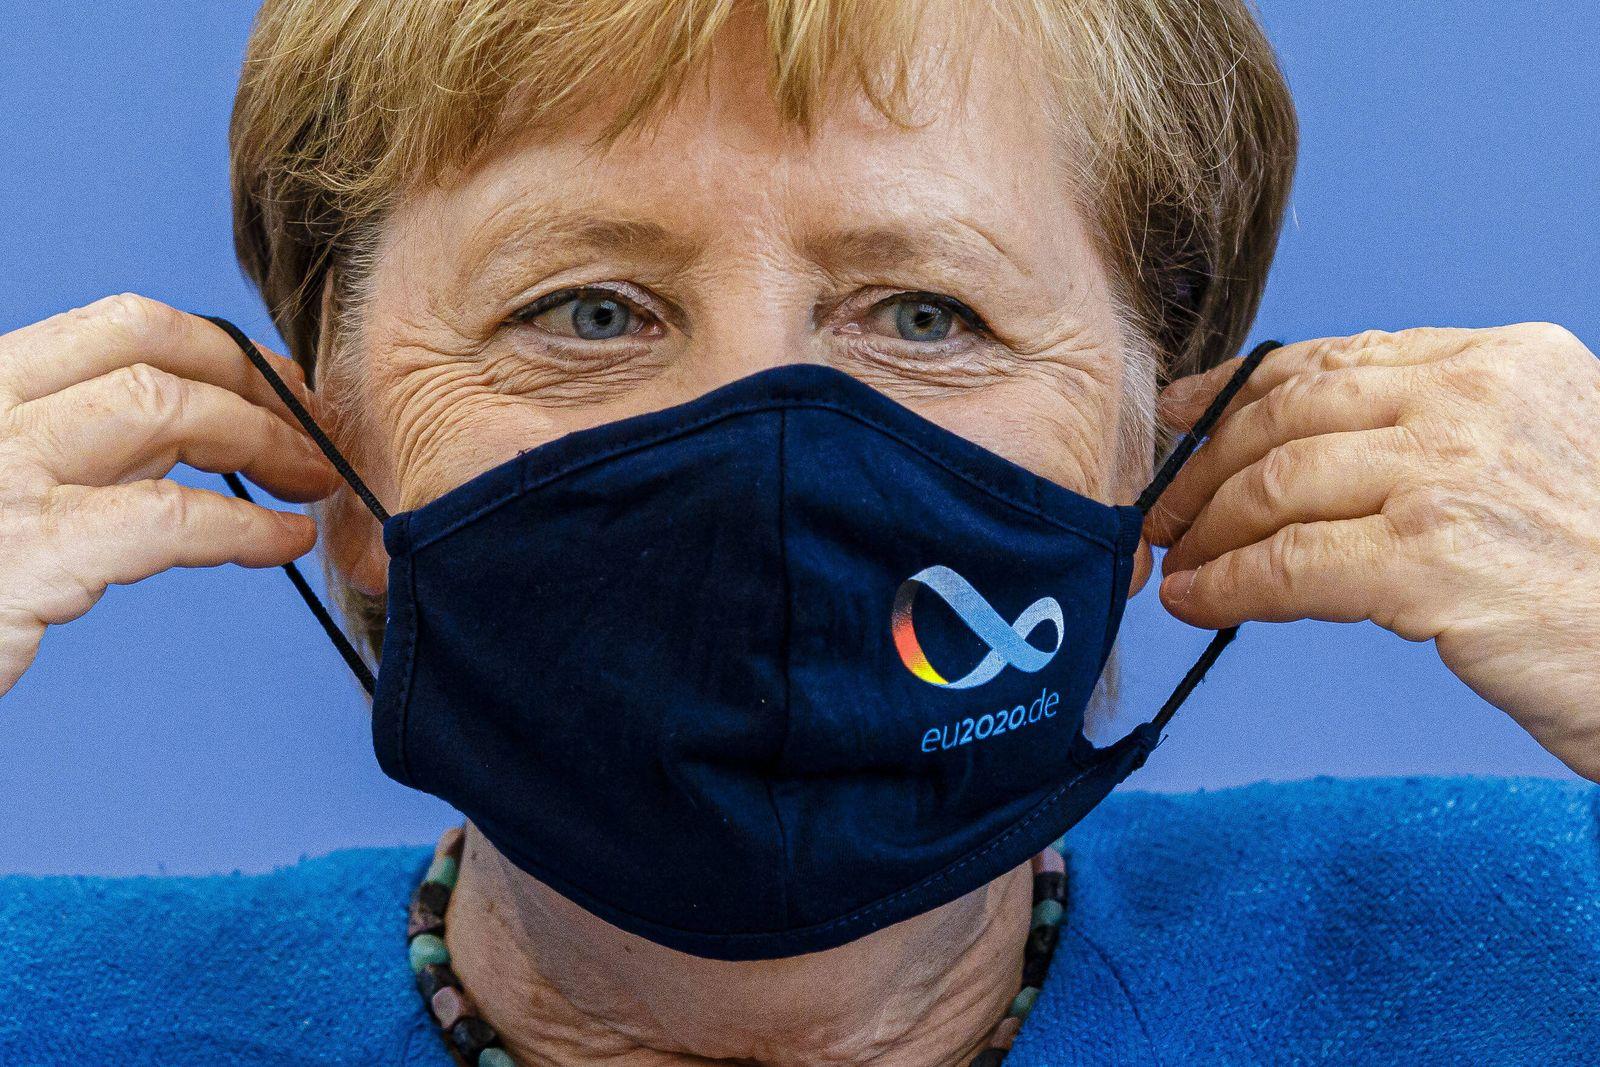 Bundespressekonferenz Bundeskanzlerin Angela Merkel, CDU, zieht nach einer Pressekonferenz eine Maske auf. Berlin, 28.0